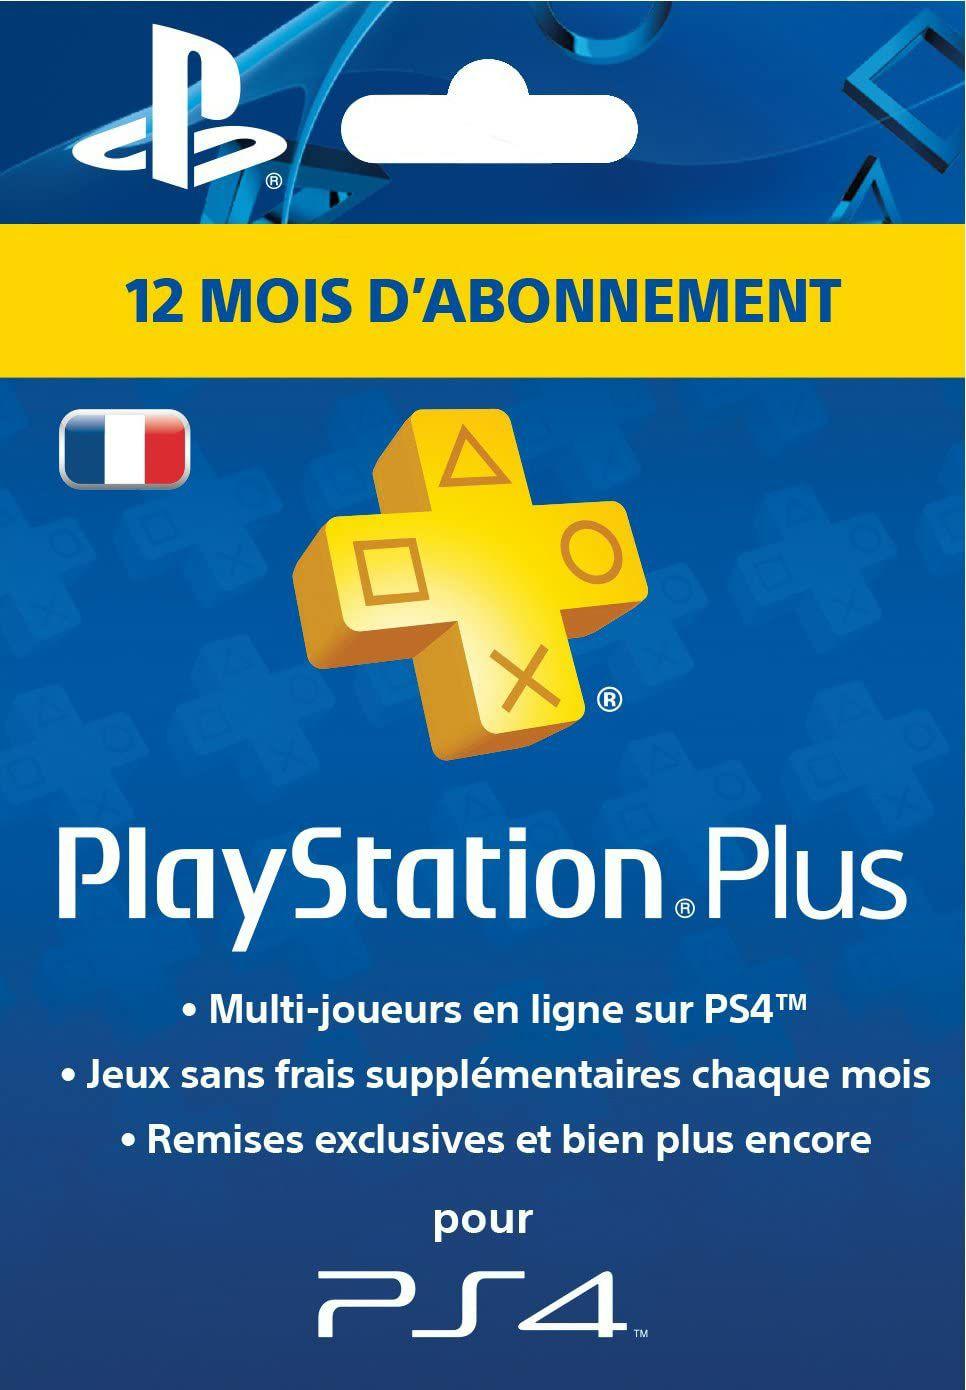 Abonnement de 12 mois au PlayStation Plus (Compte FR)